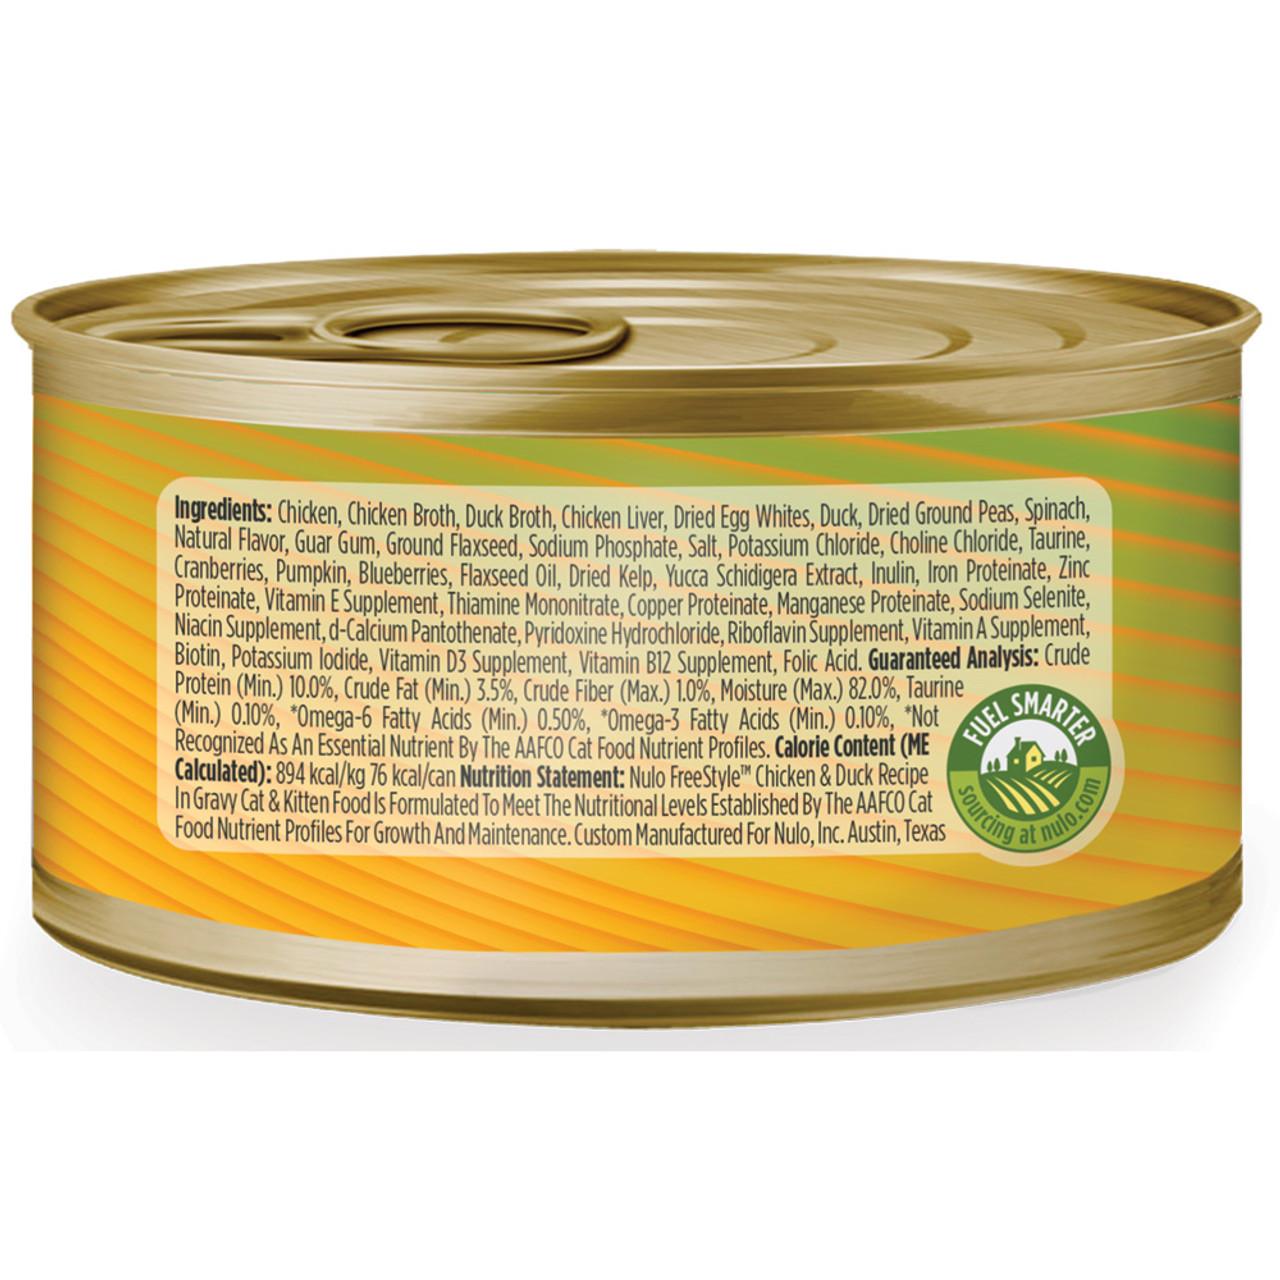 Nulo Freestyle Cat & Kitten Shredded Chicken & Duck Recipe In Gravy Canned Cat Food